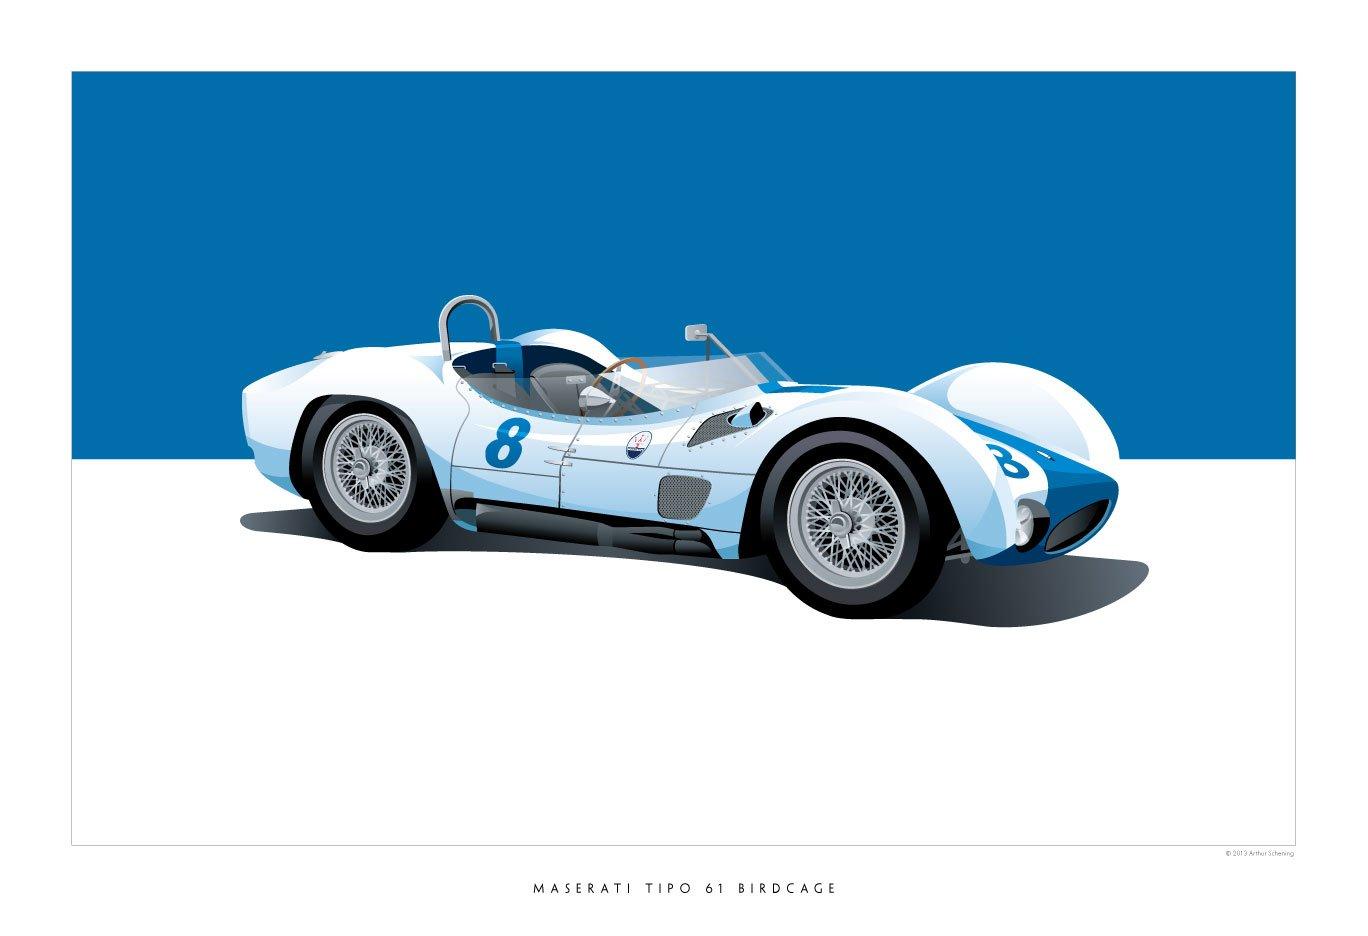 Maserati-Birdcage